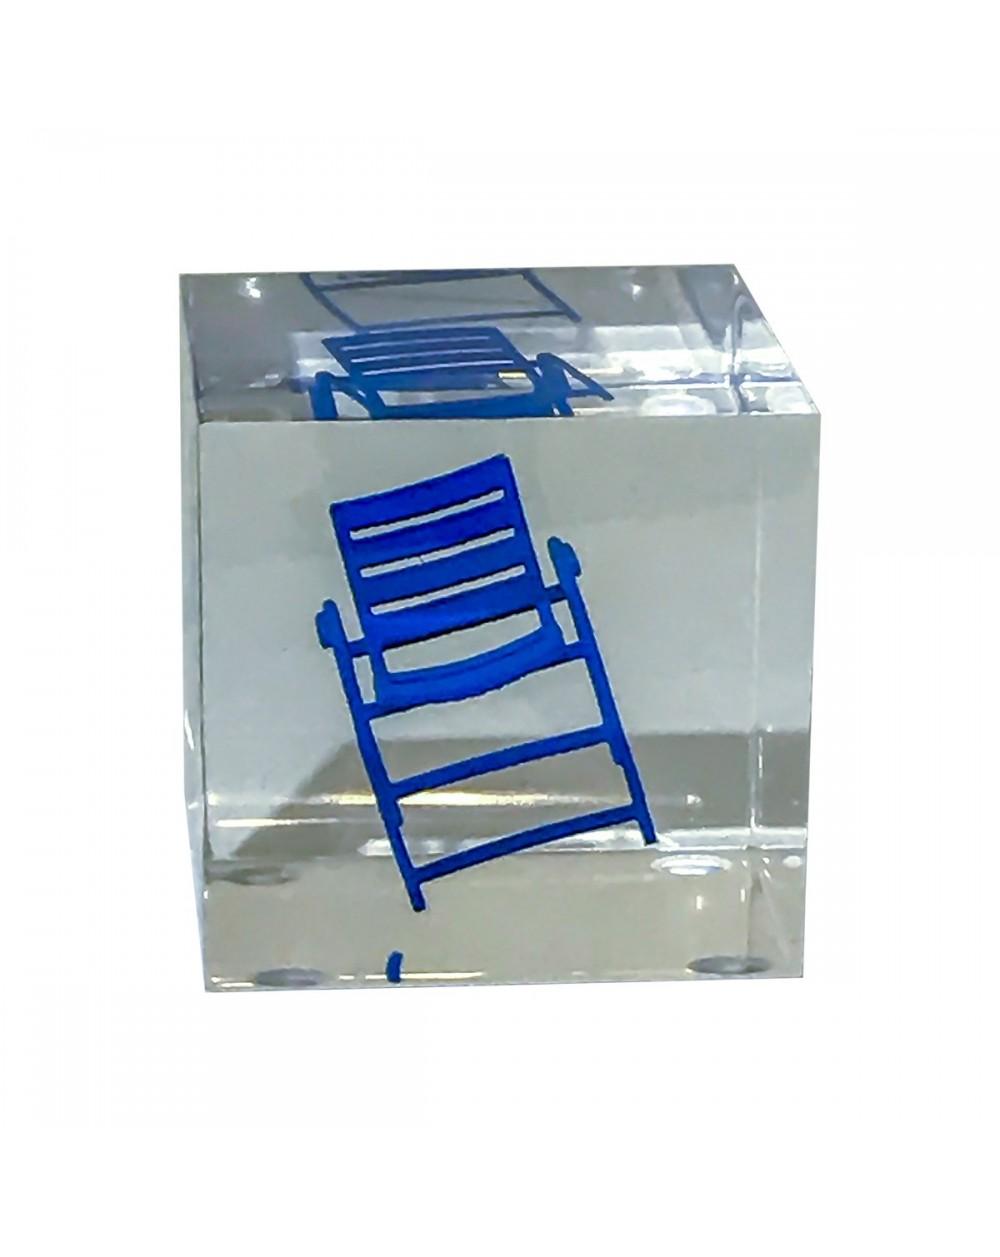 Petit cube transparent renfermant une chaise bleue